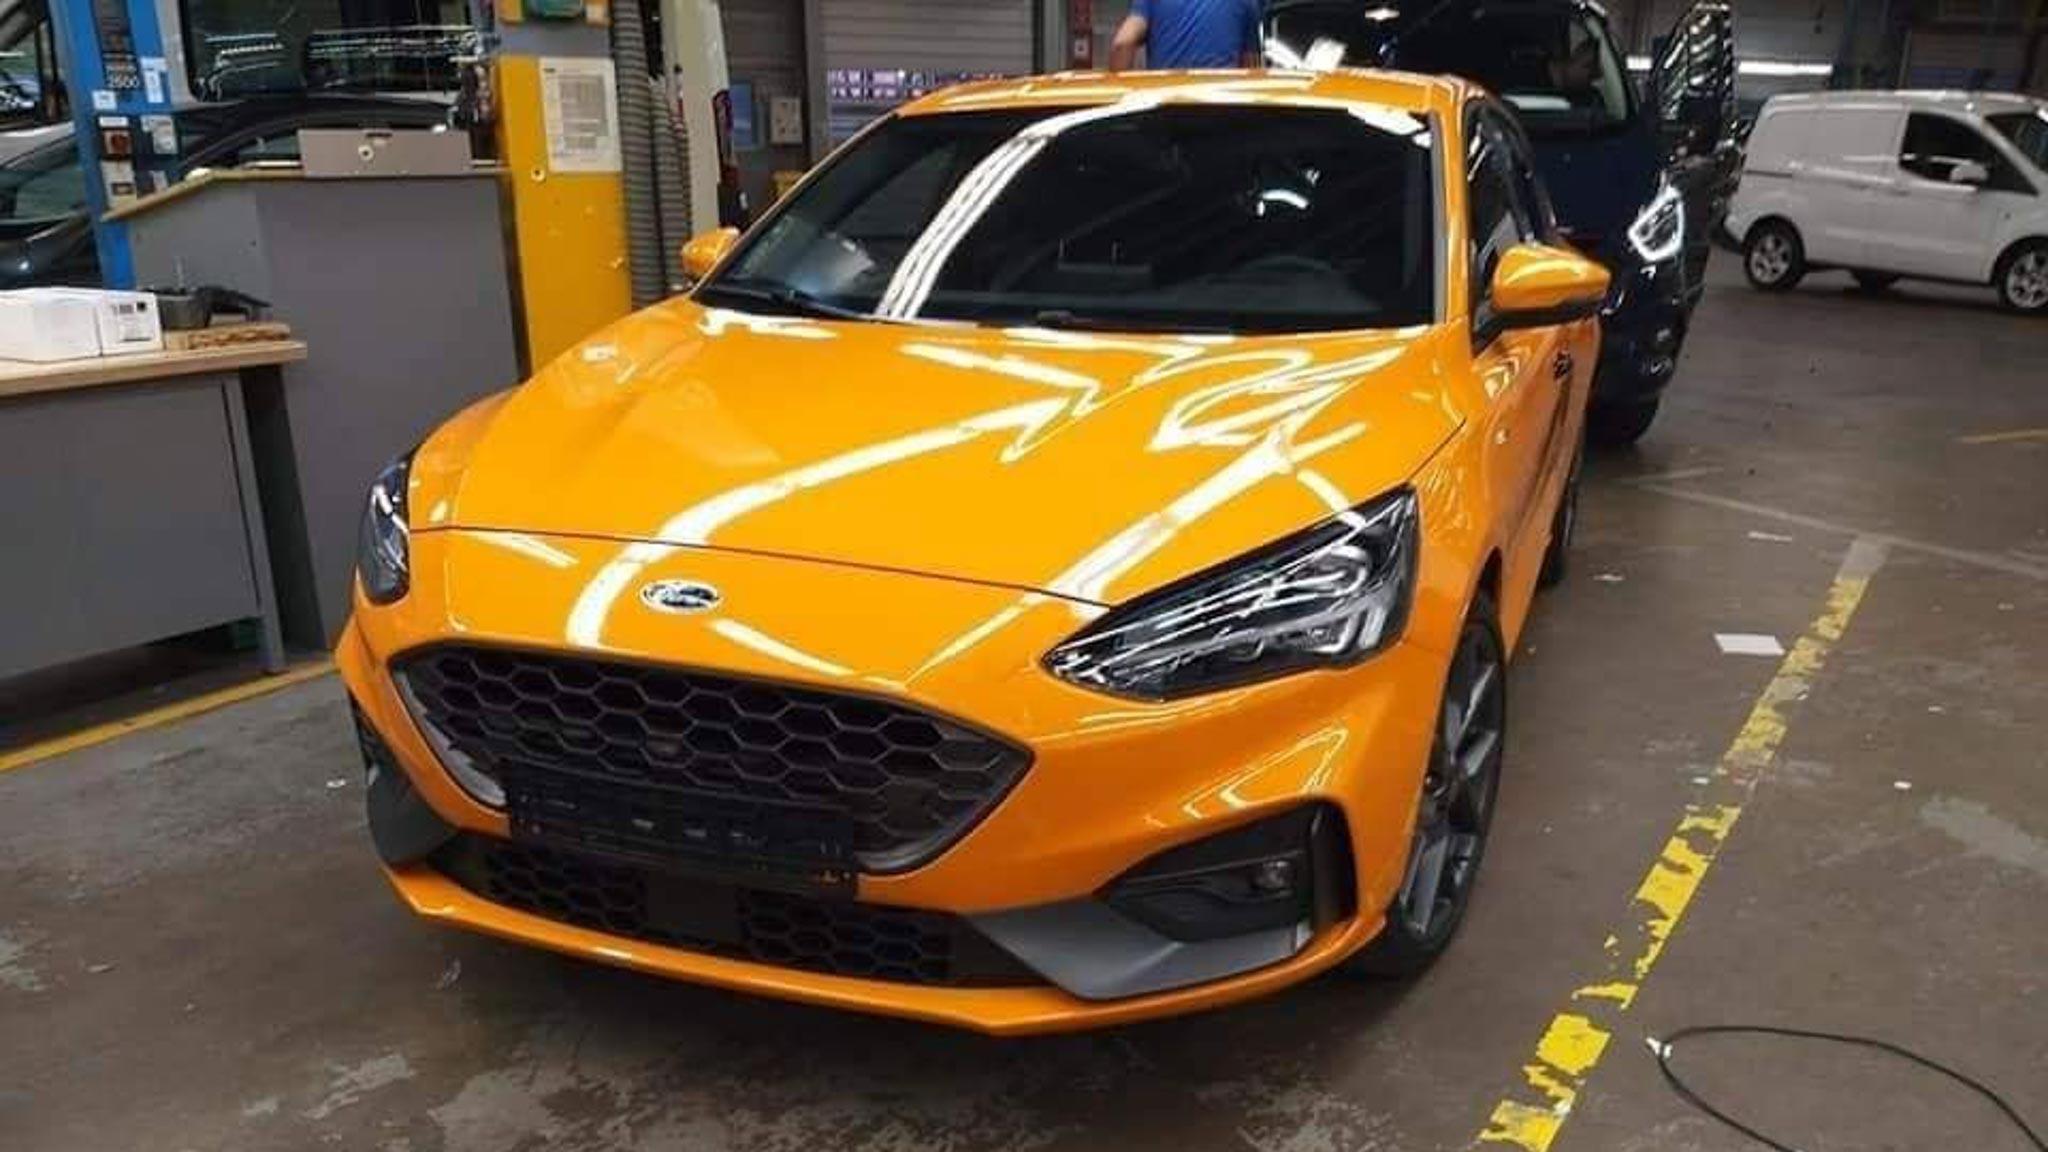 Hatchback thể thao Ford Focus ST 2019 vừa bị rò rỉ những hình ảnh đầu tiên tại nhà máy lắp ráp. Nguyên mẫu được chụp mang nước sơn màu vàng cam ...